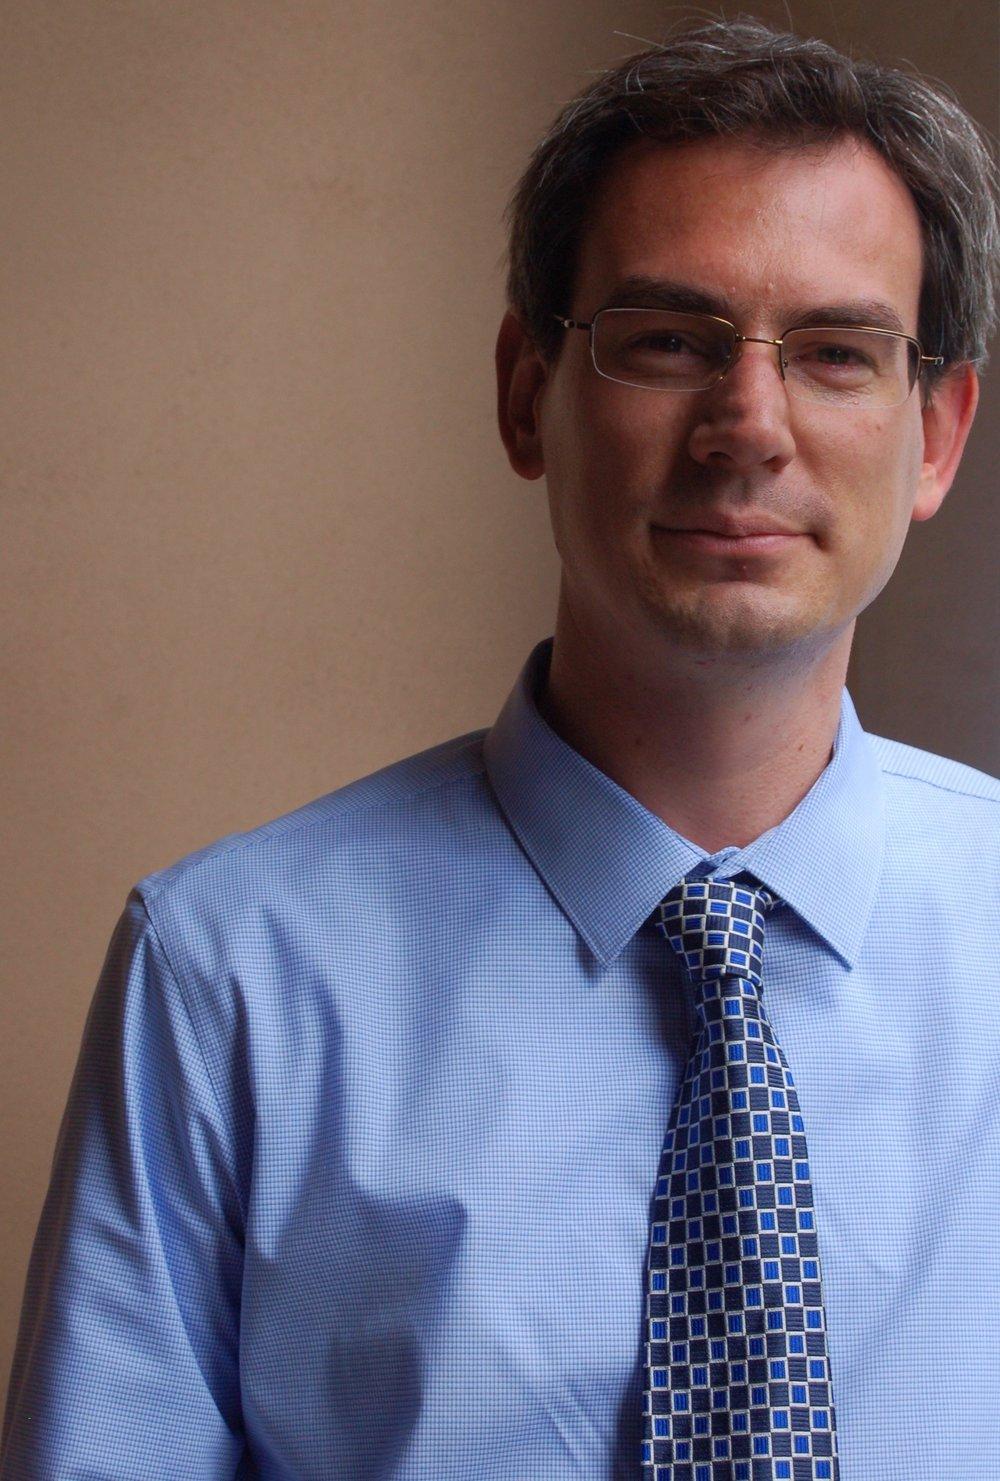 Victor Grafe